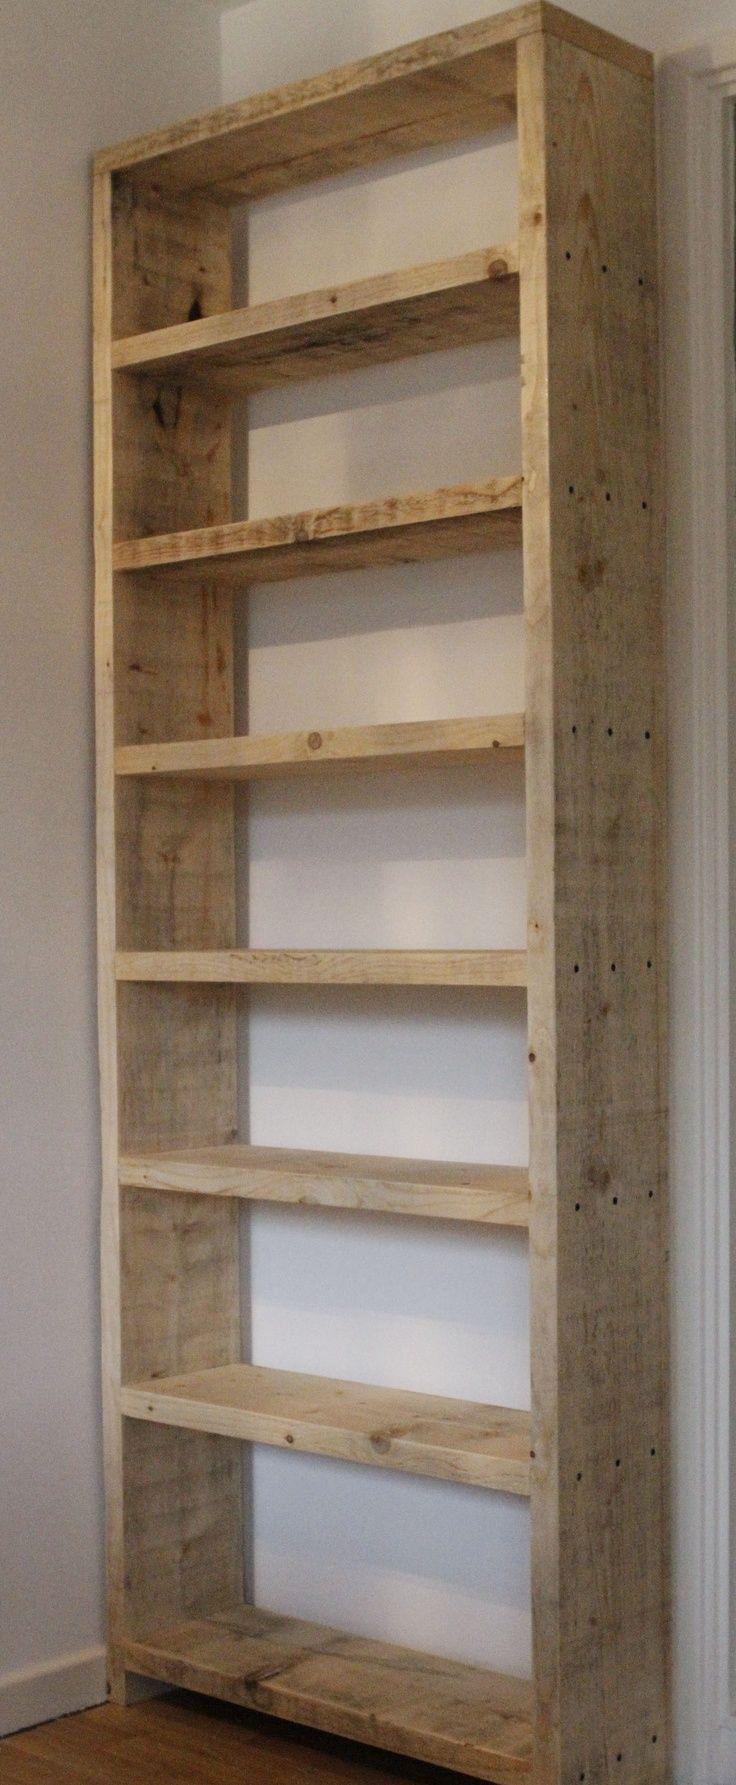 Librero sencillo y austero. Típico diseño alto y angosto. Lo considero en madera prensada, para darle un aspecto distinto.